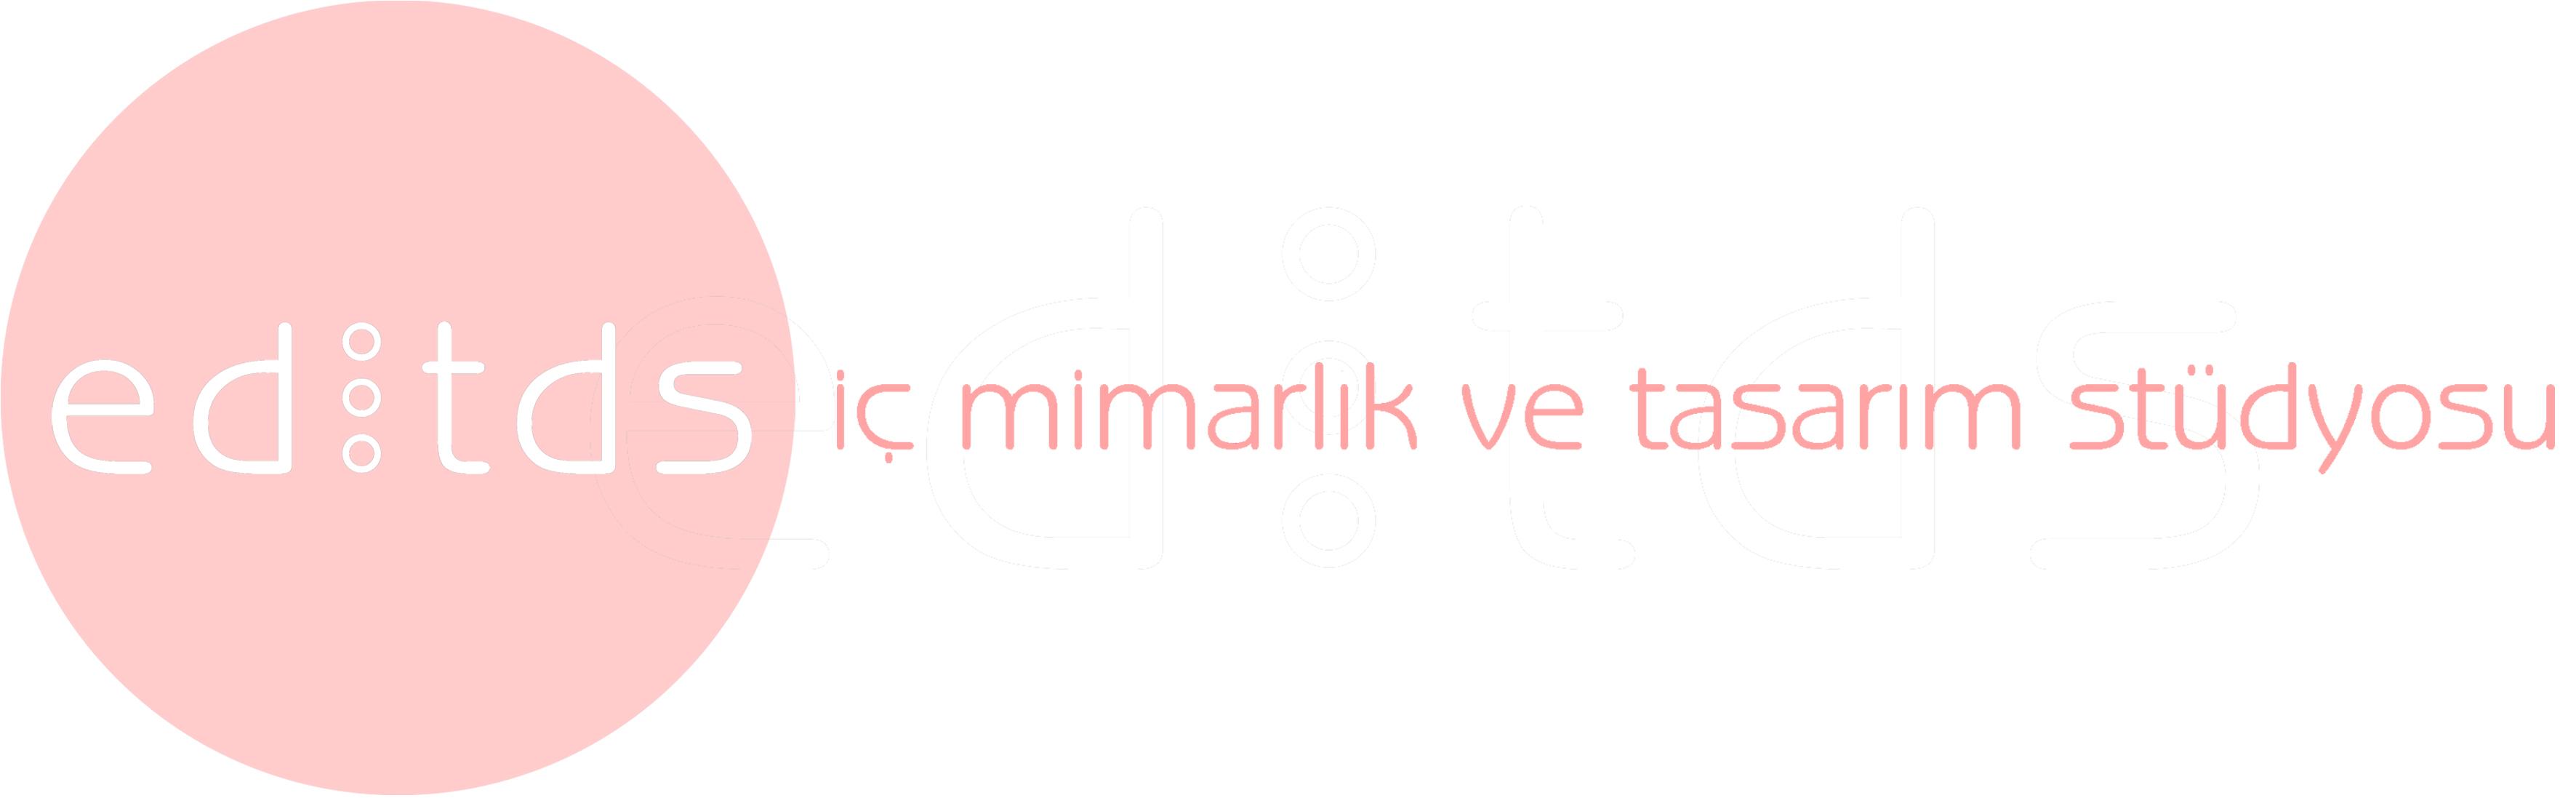 Editds Logo